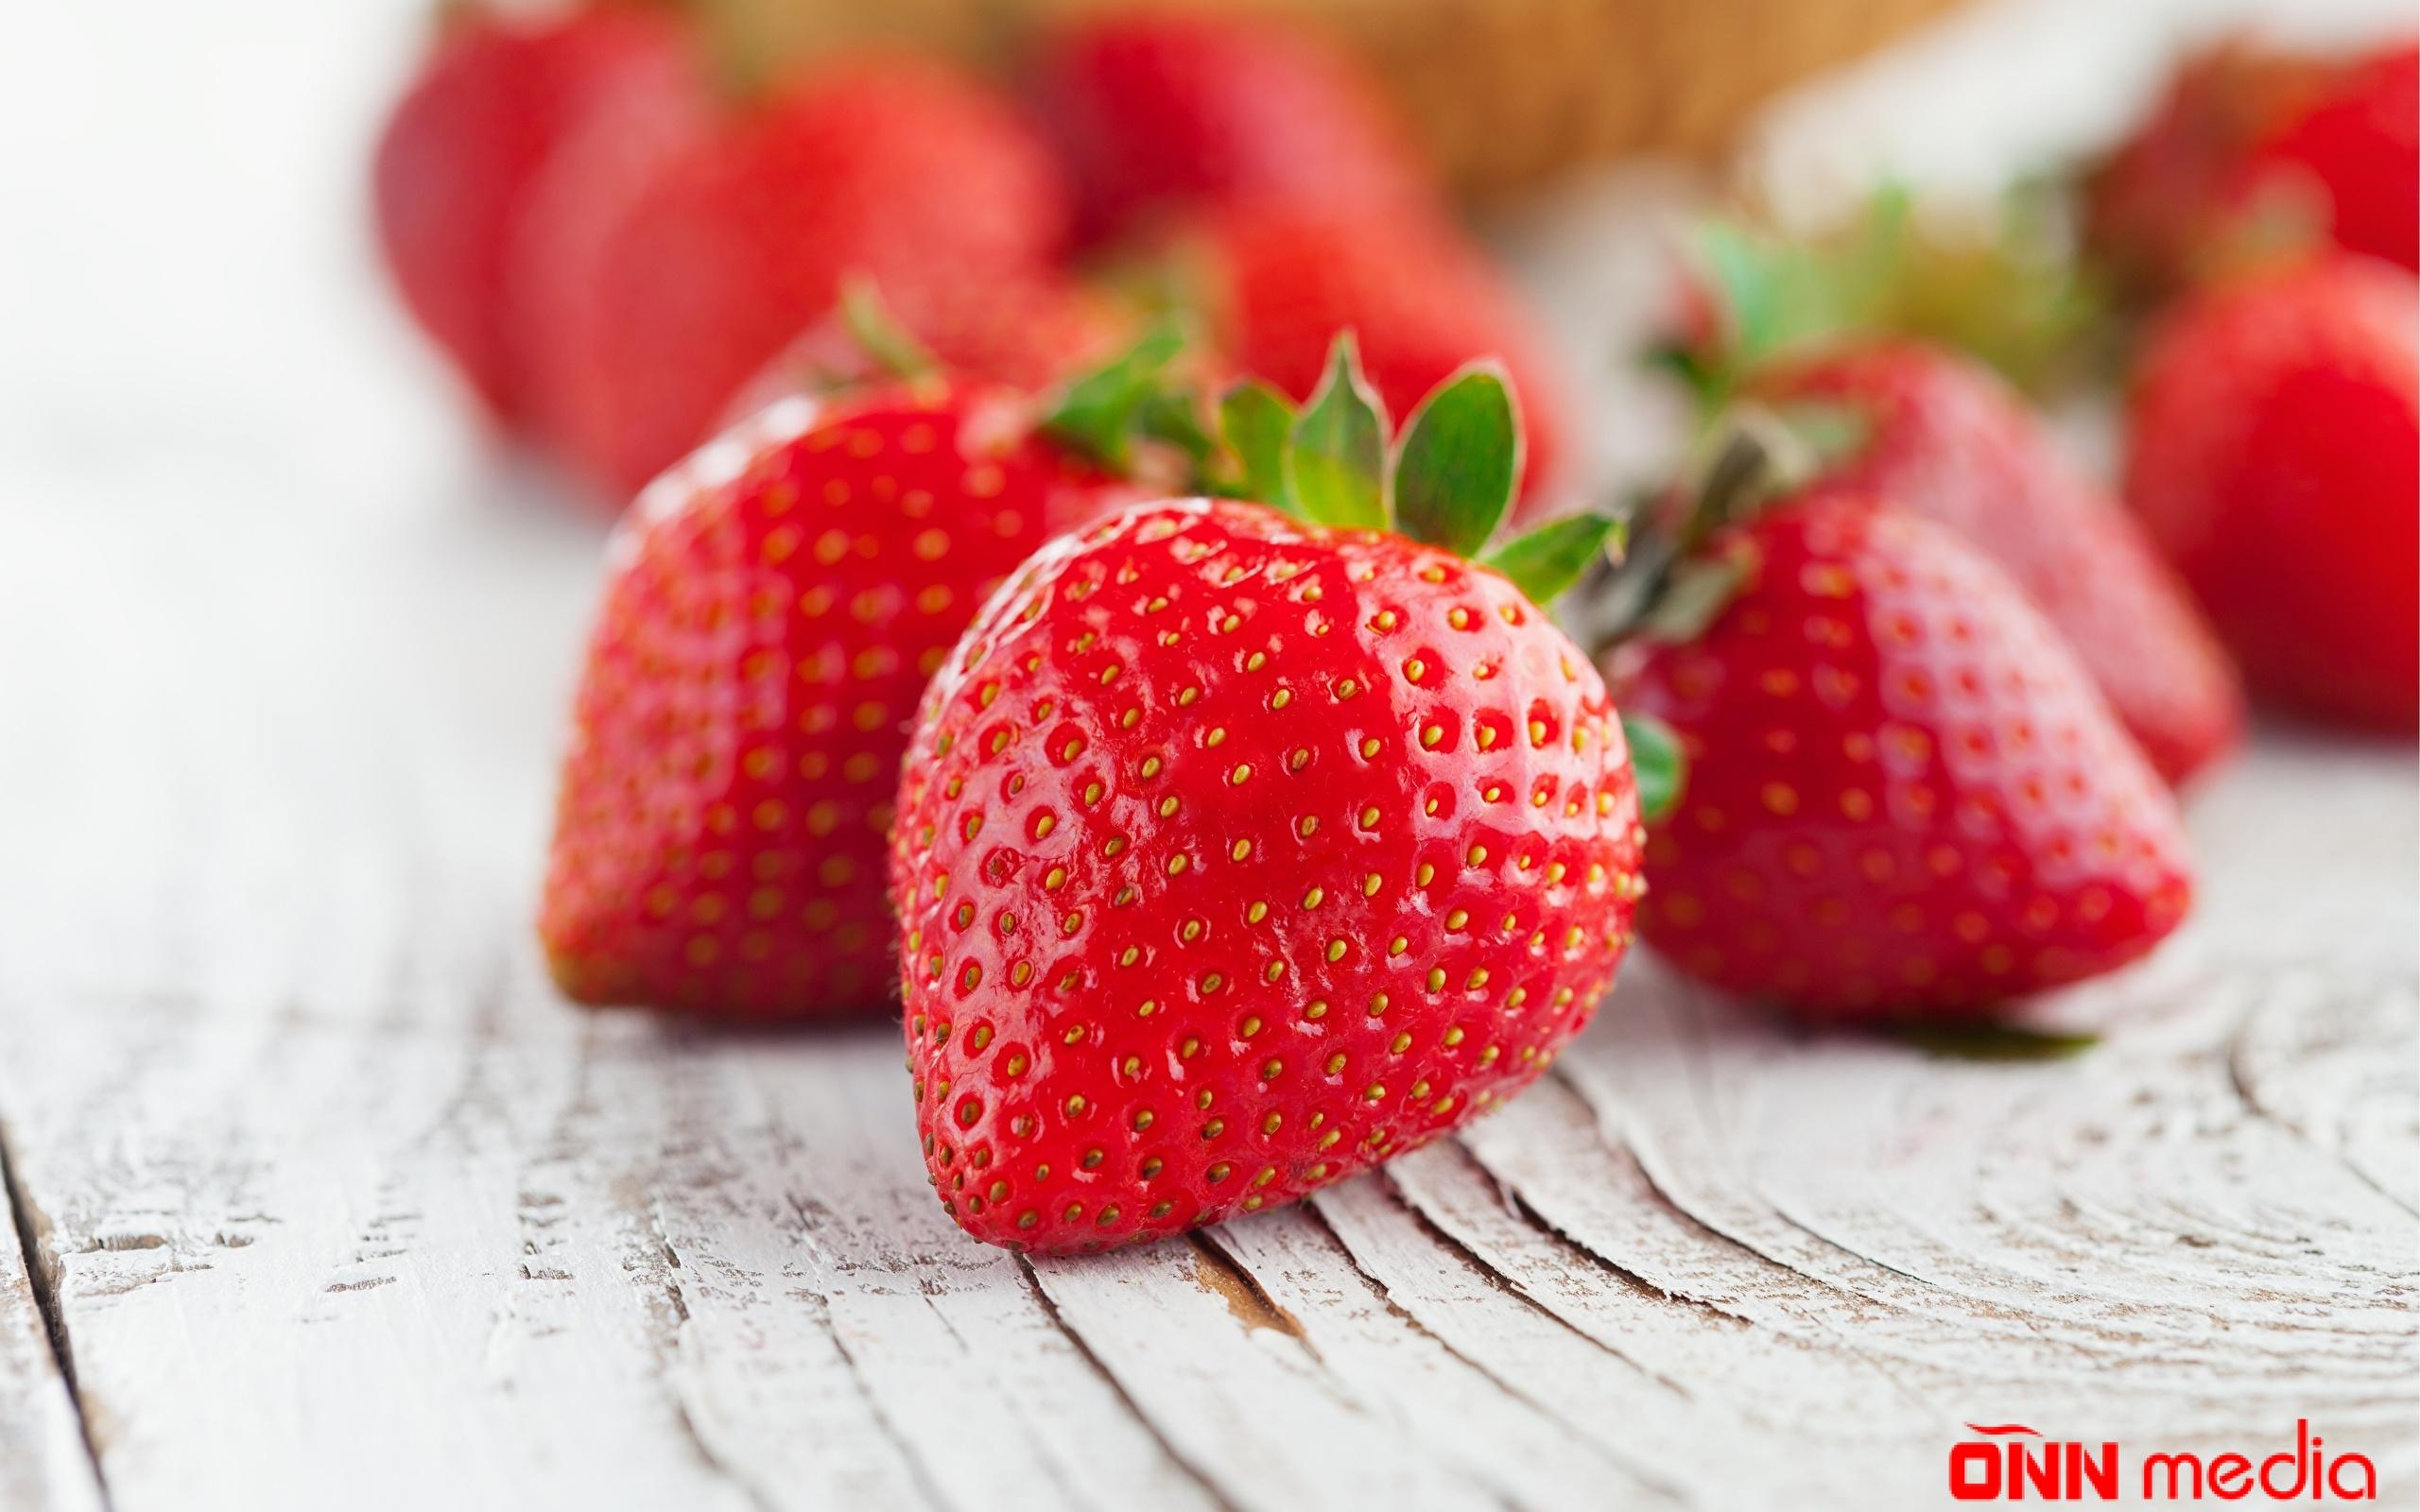 3 qırmızı meyvənin sehirli gücü